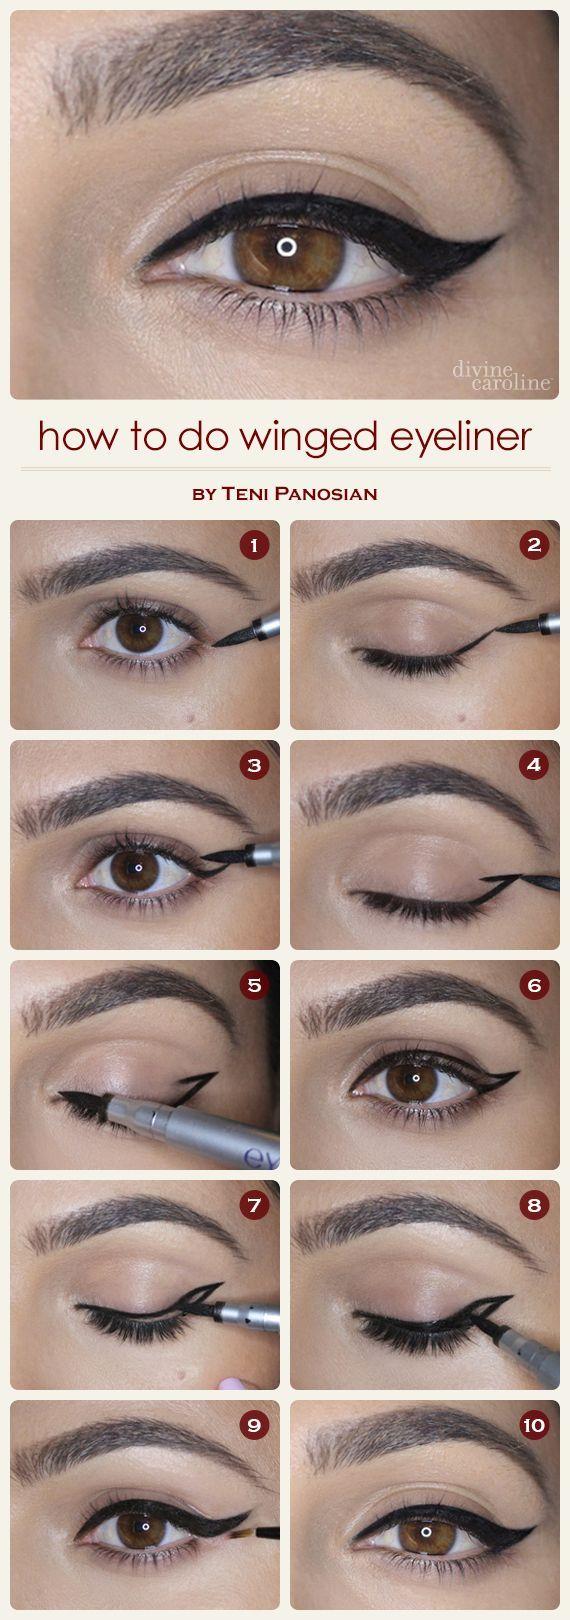 15 Seconds Spectacular Eyeliner Make-up